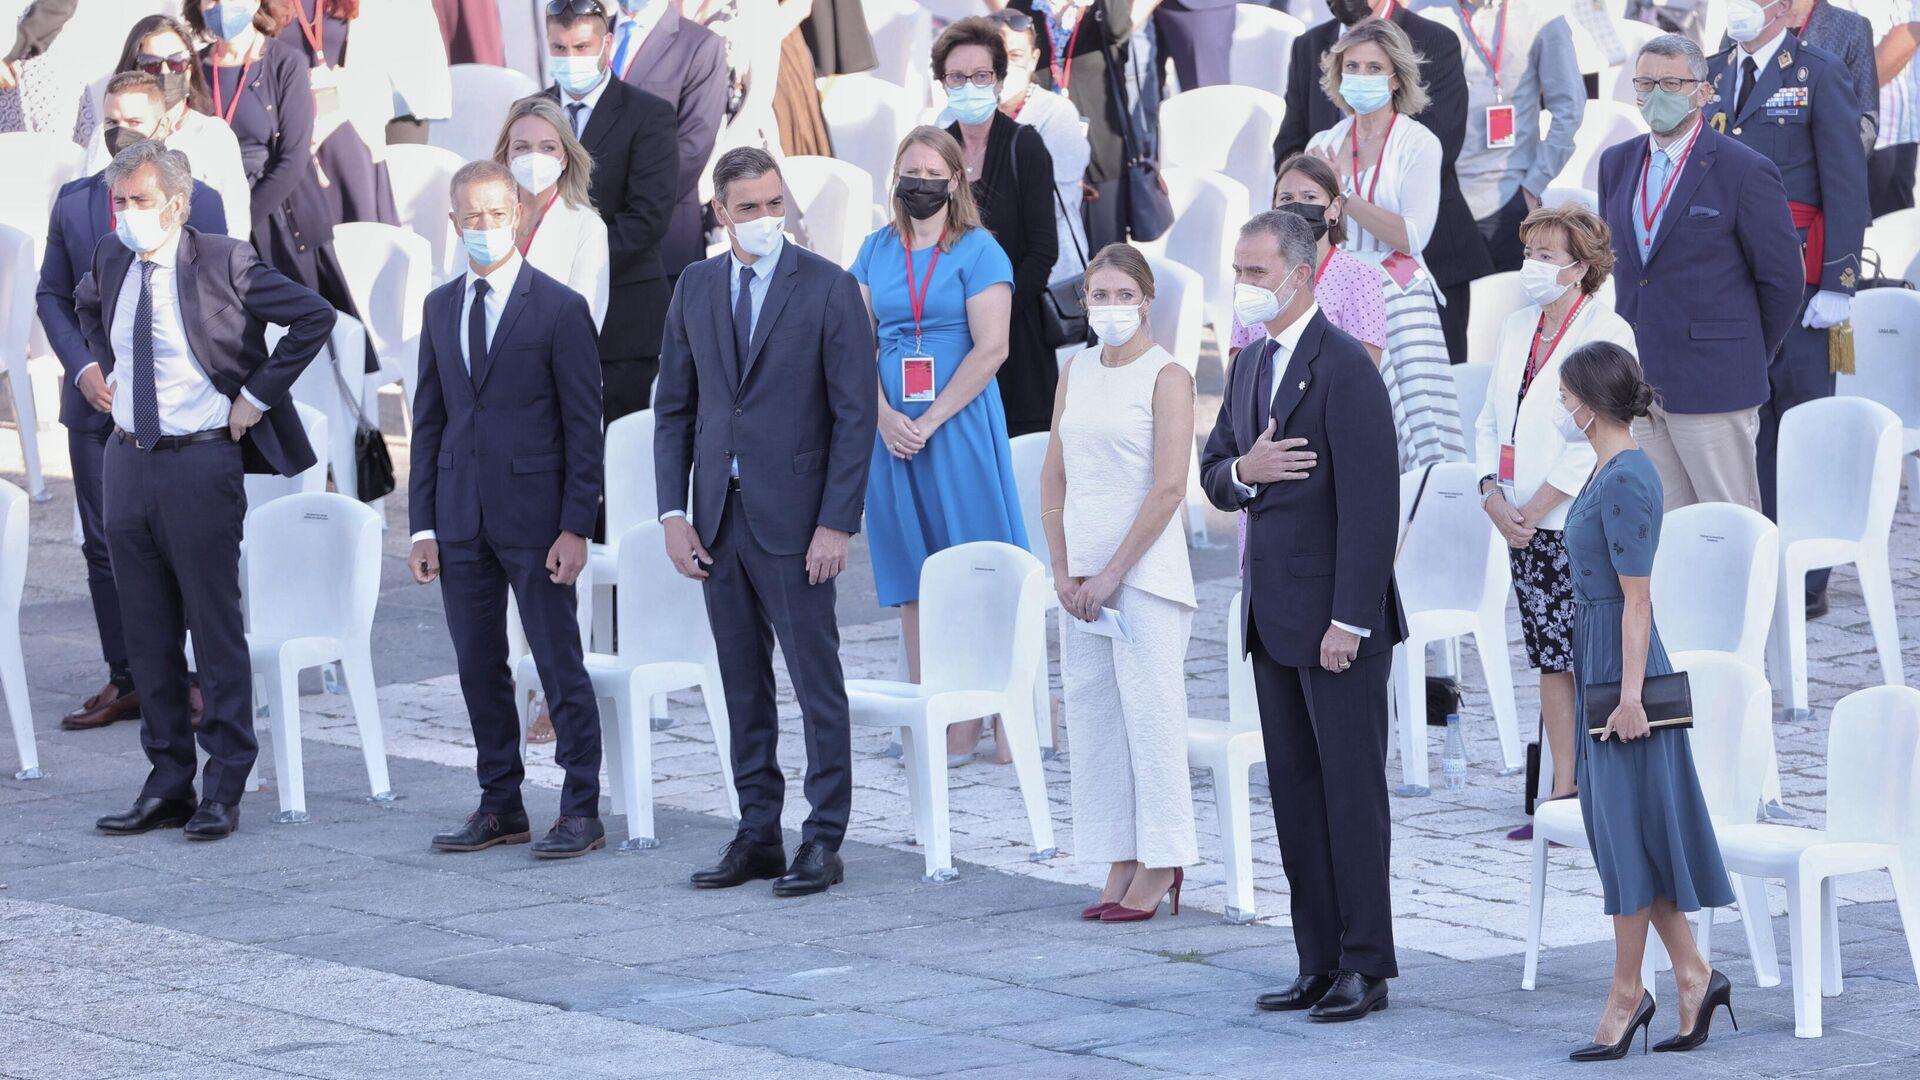 Acto de homenaje a las víctimas del COVID-19 en el Palacio Real - Sputnik Mundo, 1920, 15.07.2021